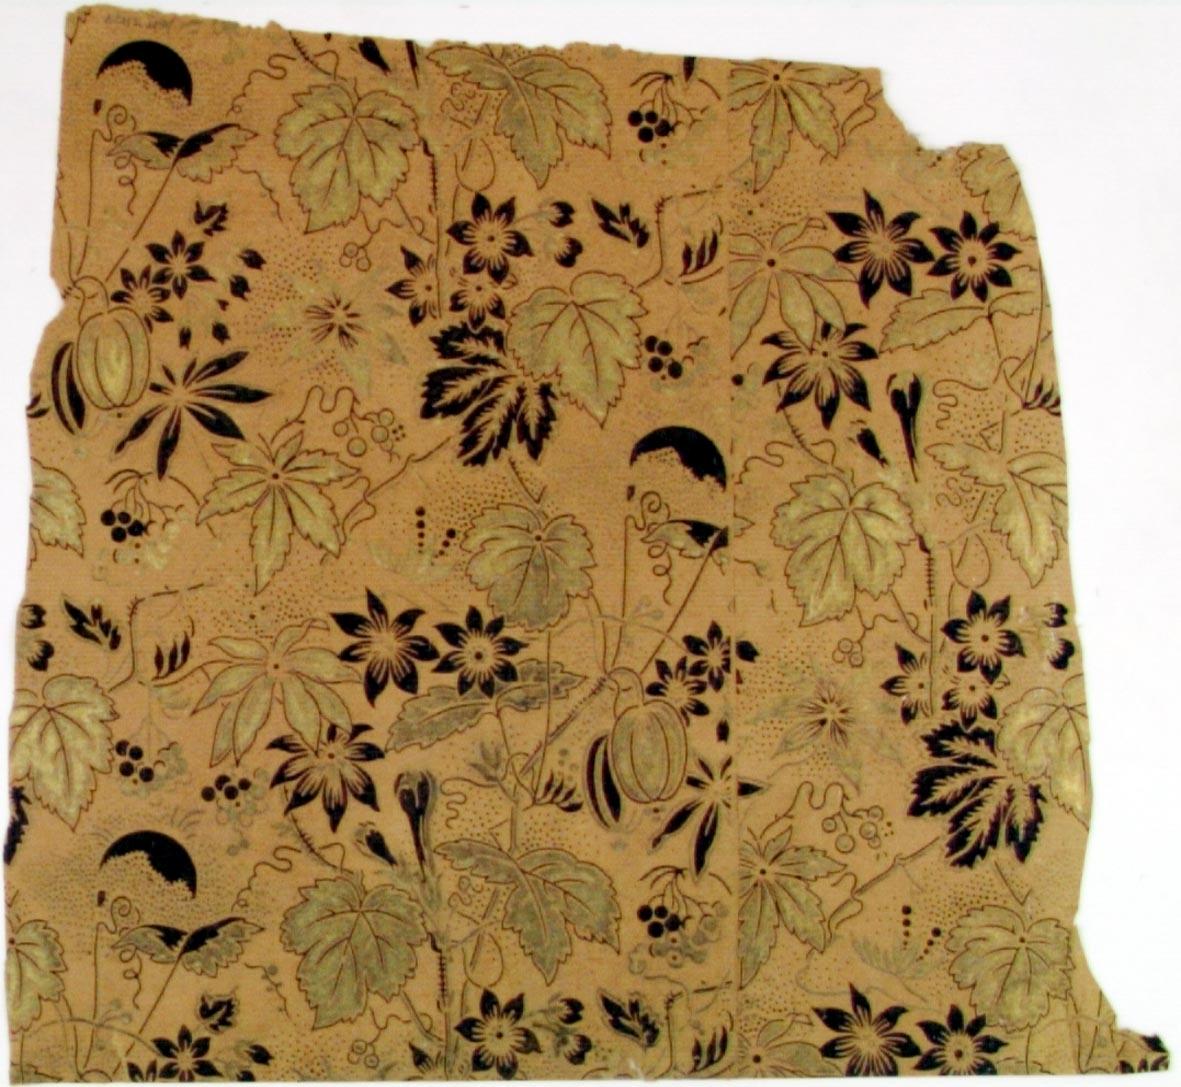 Fantasifullt ytfyllande blom-/bladmönster dekorerat med varierande prickar i guld och svart på ofärgat(?) papper.